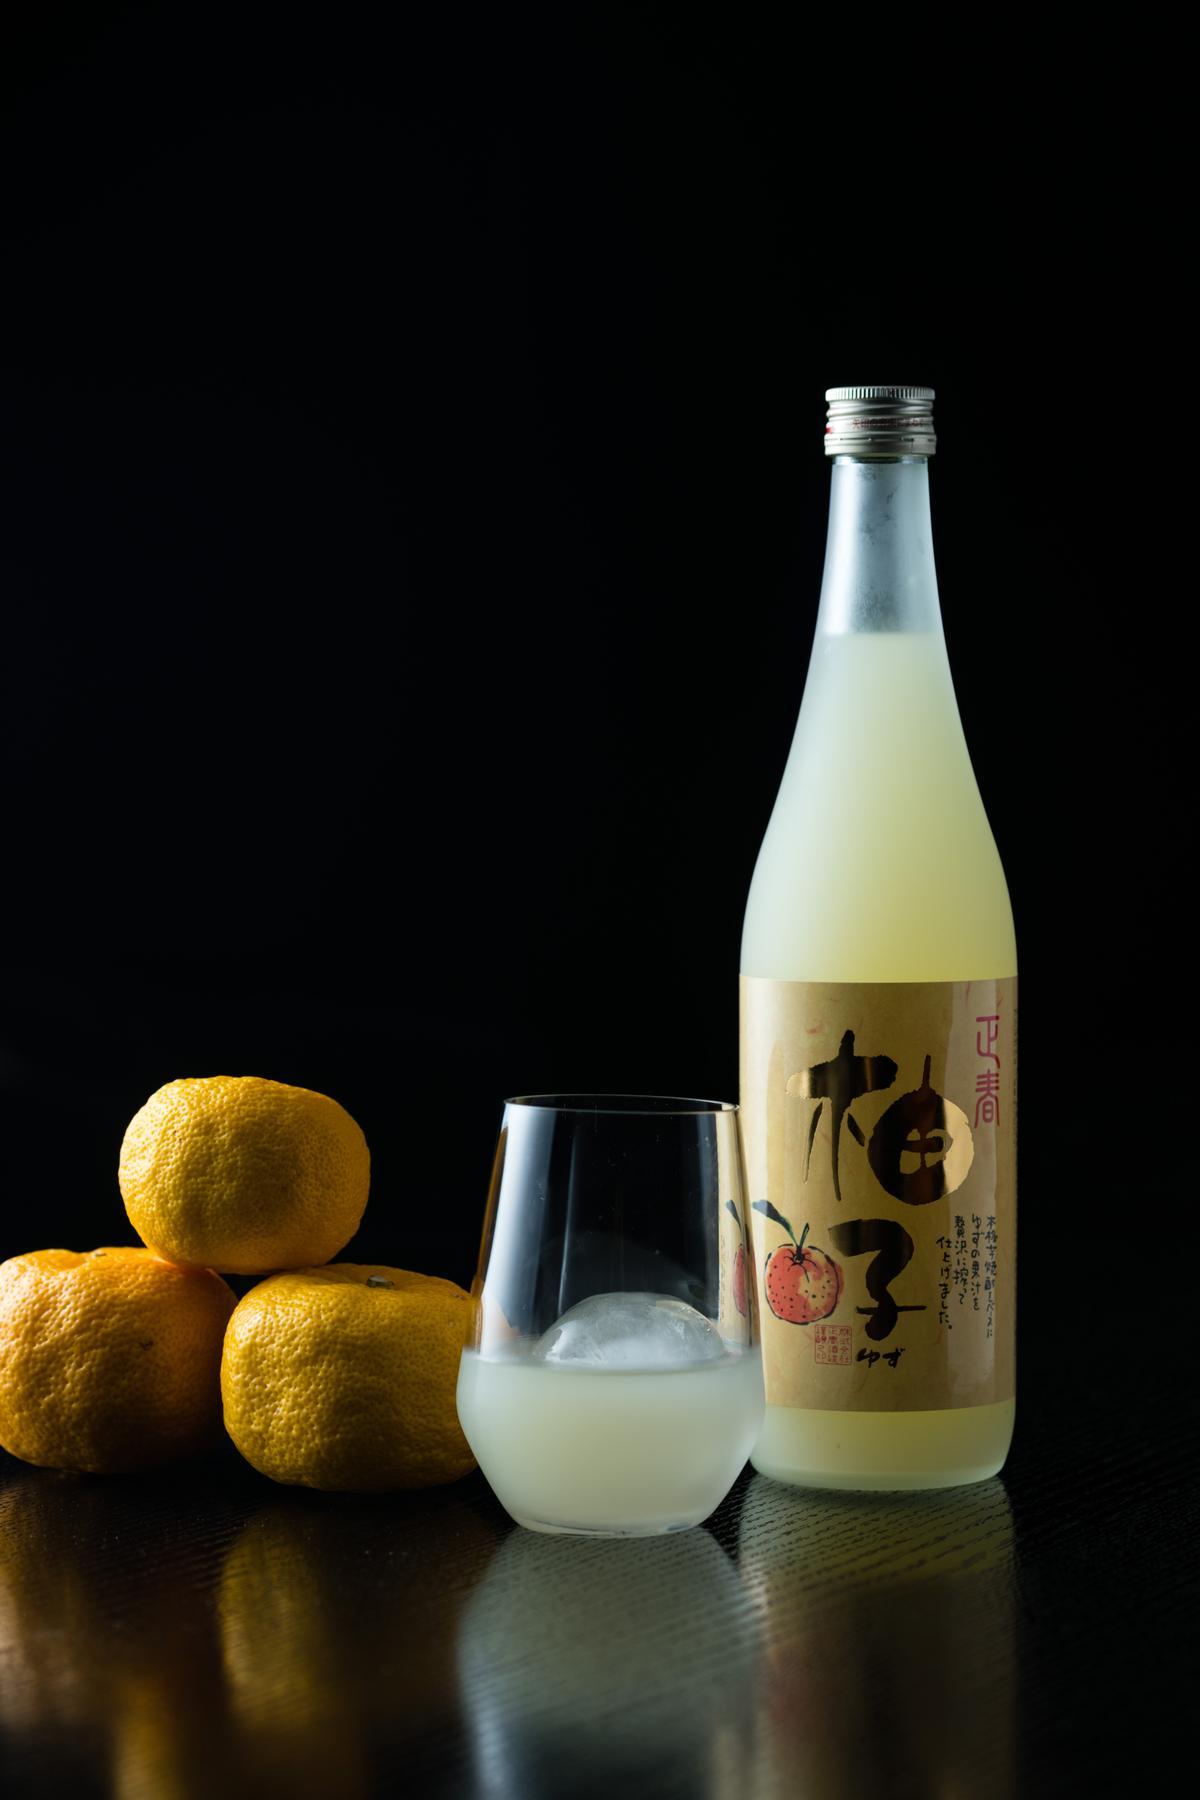 「經典柚子酒」的柚香濃郁,入口稍甜,尾韻有柚子的酸香。(1,090元/720ml)